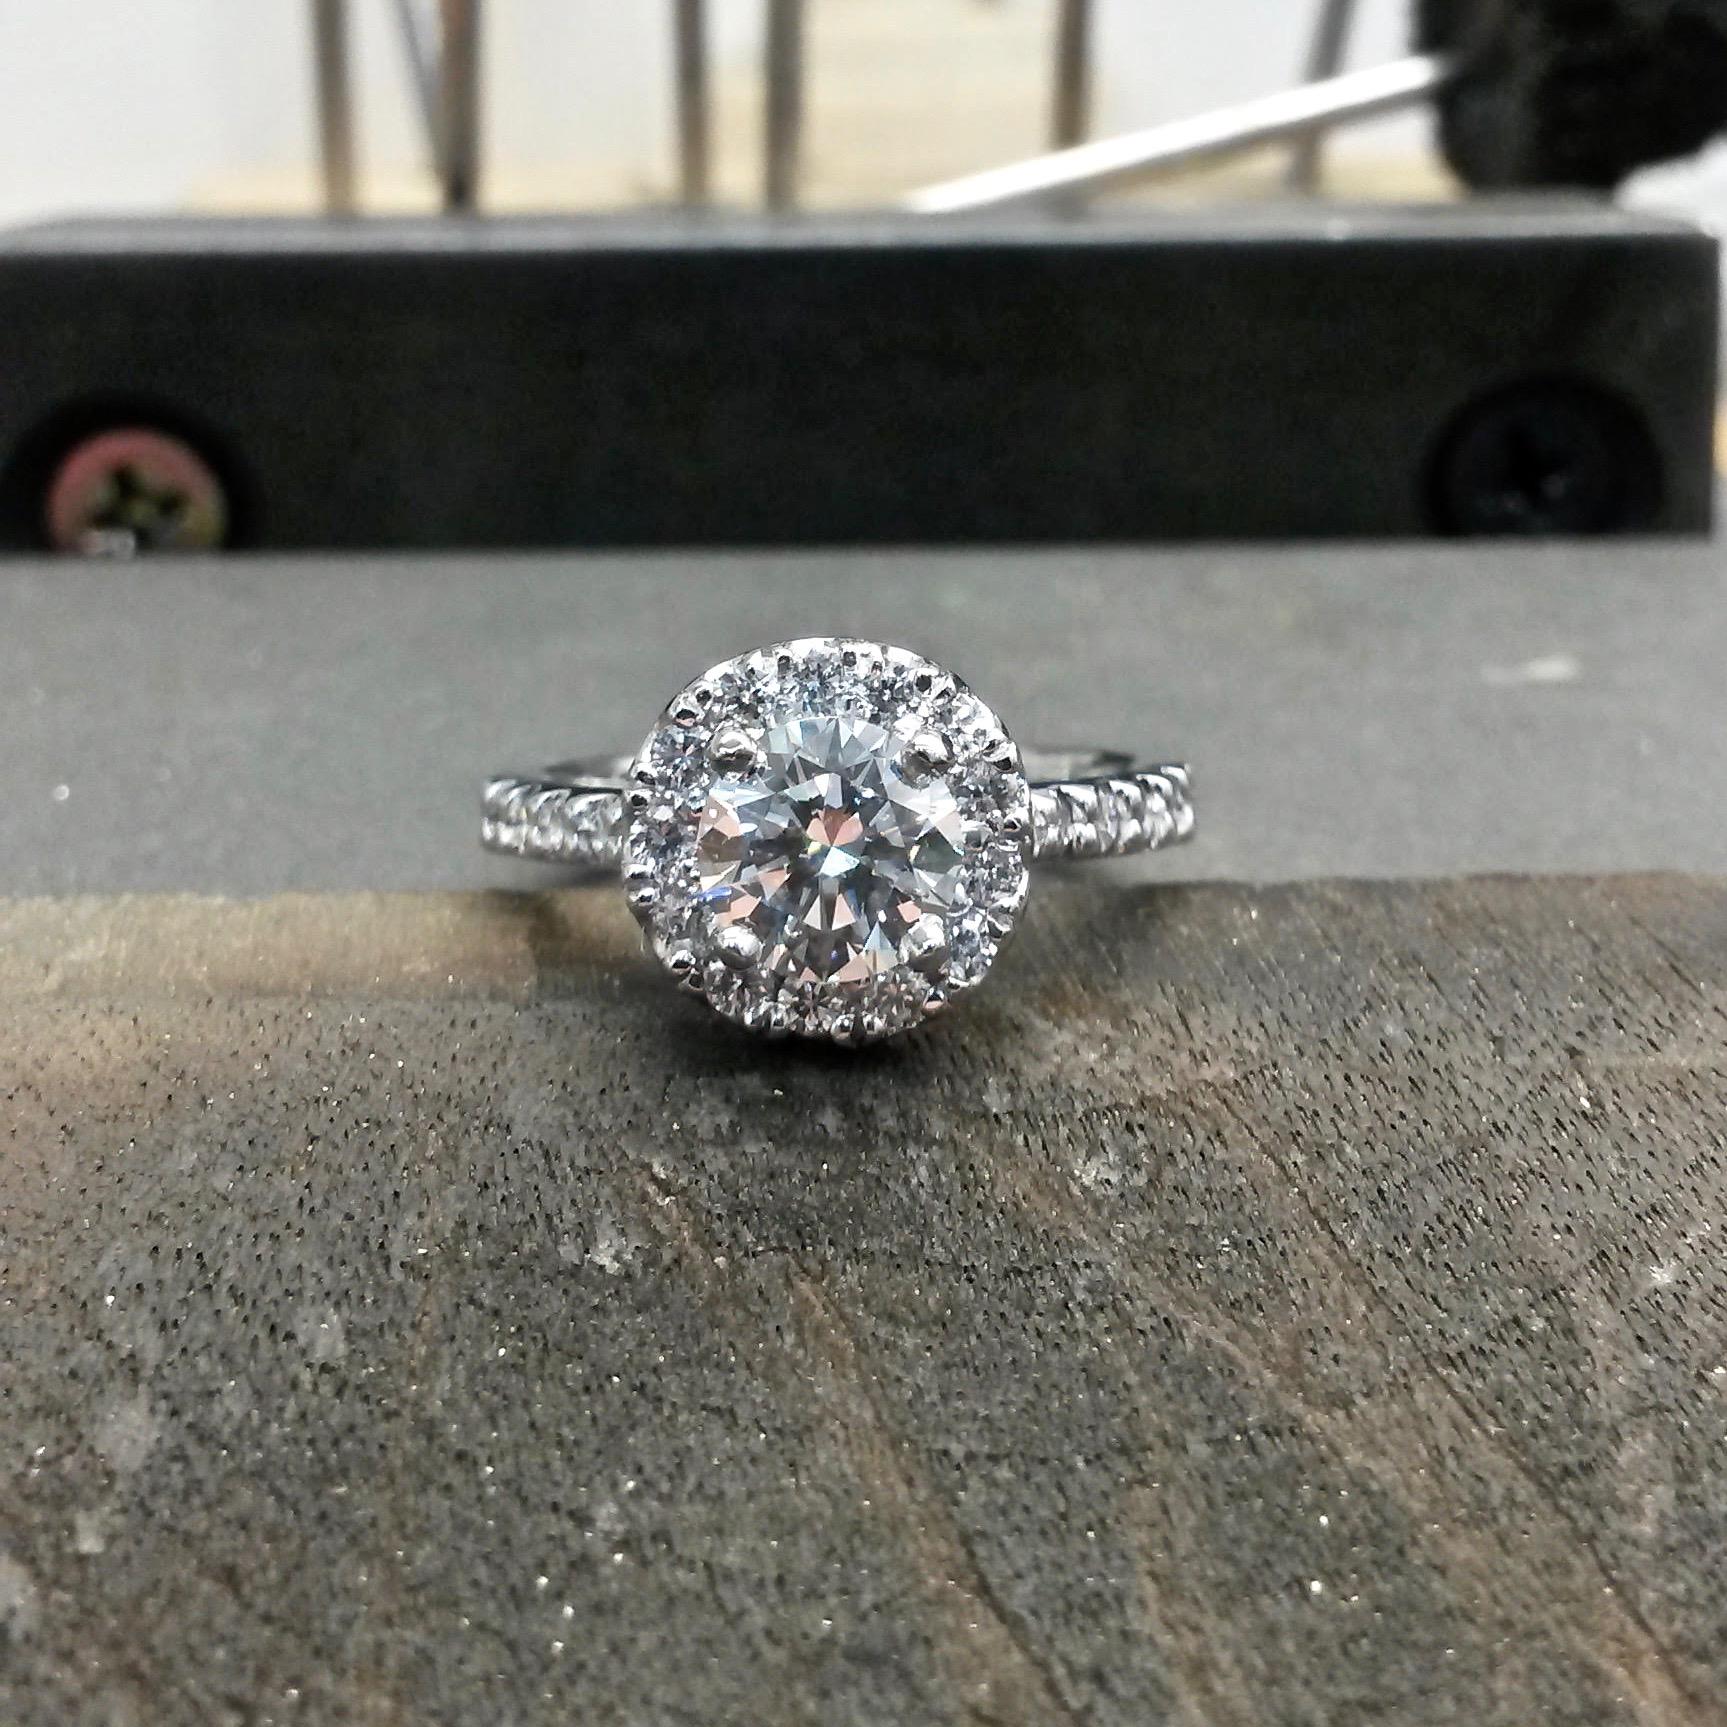 Round brilliant cut diamond halo